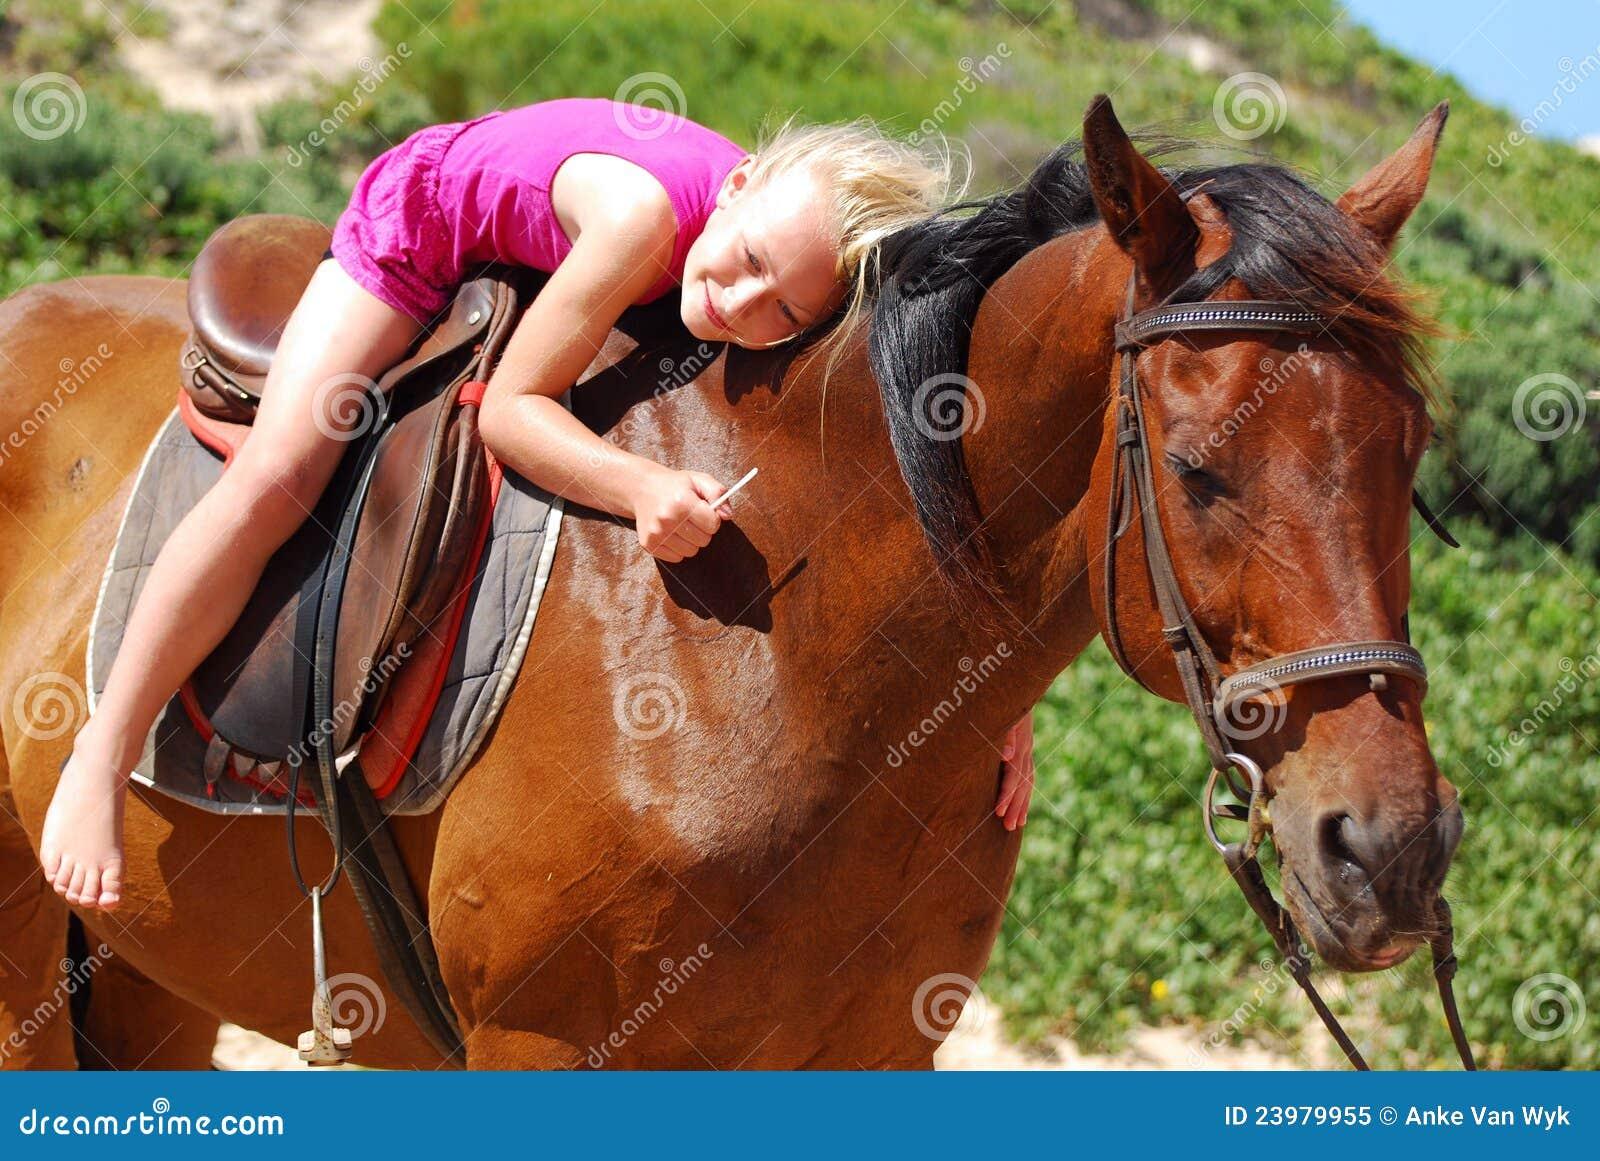 Bambina sul suo cavallino